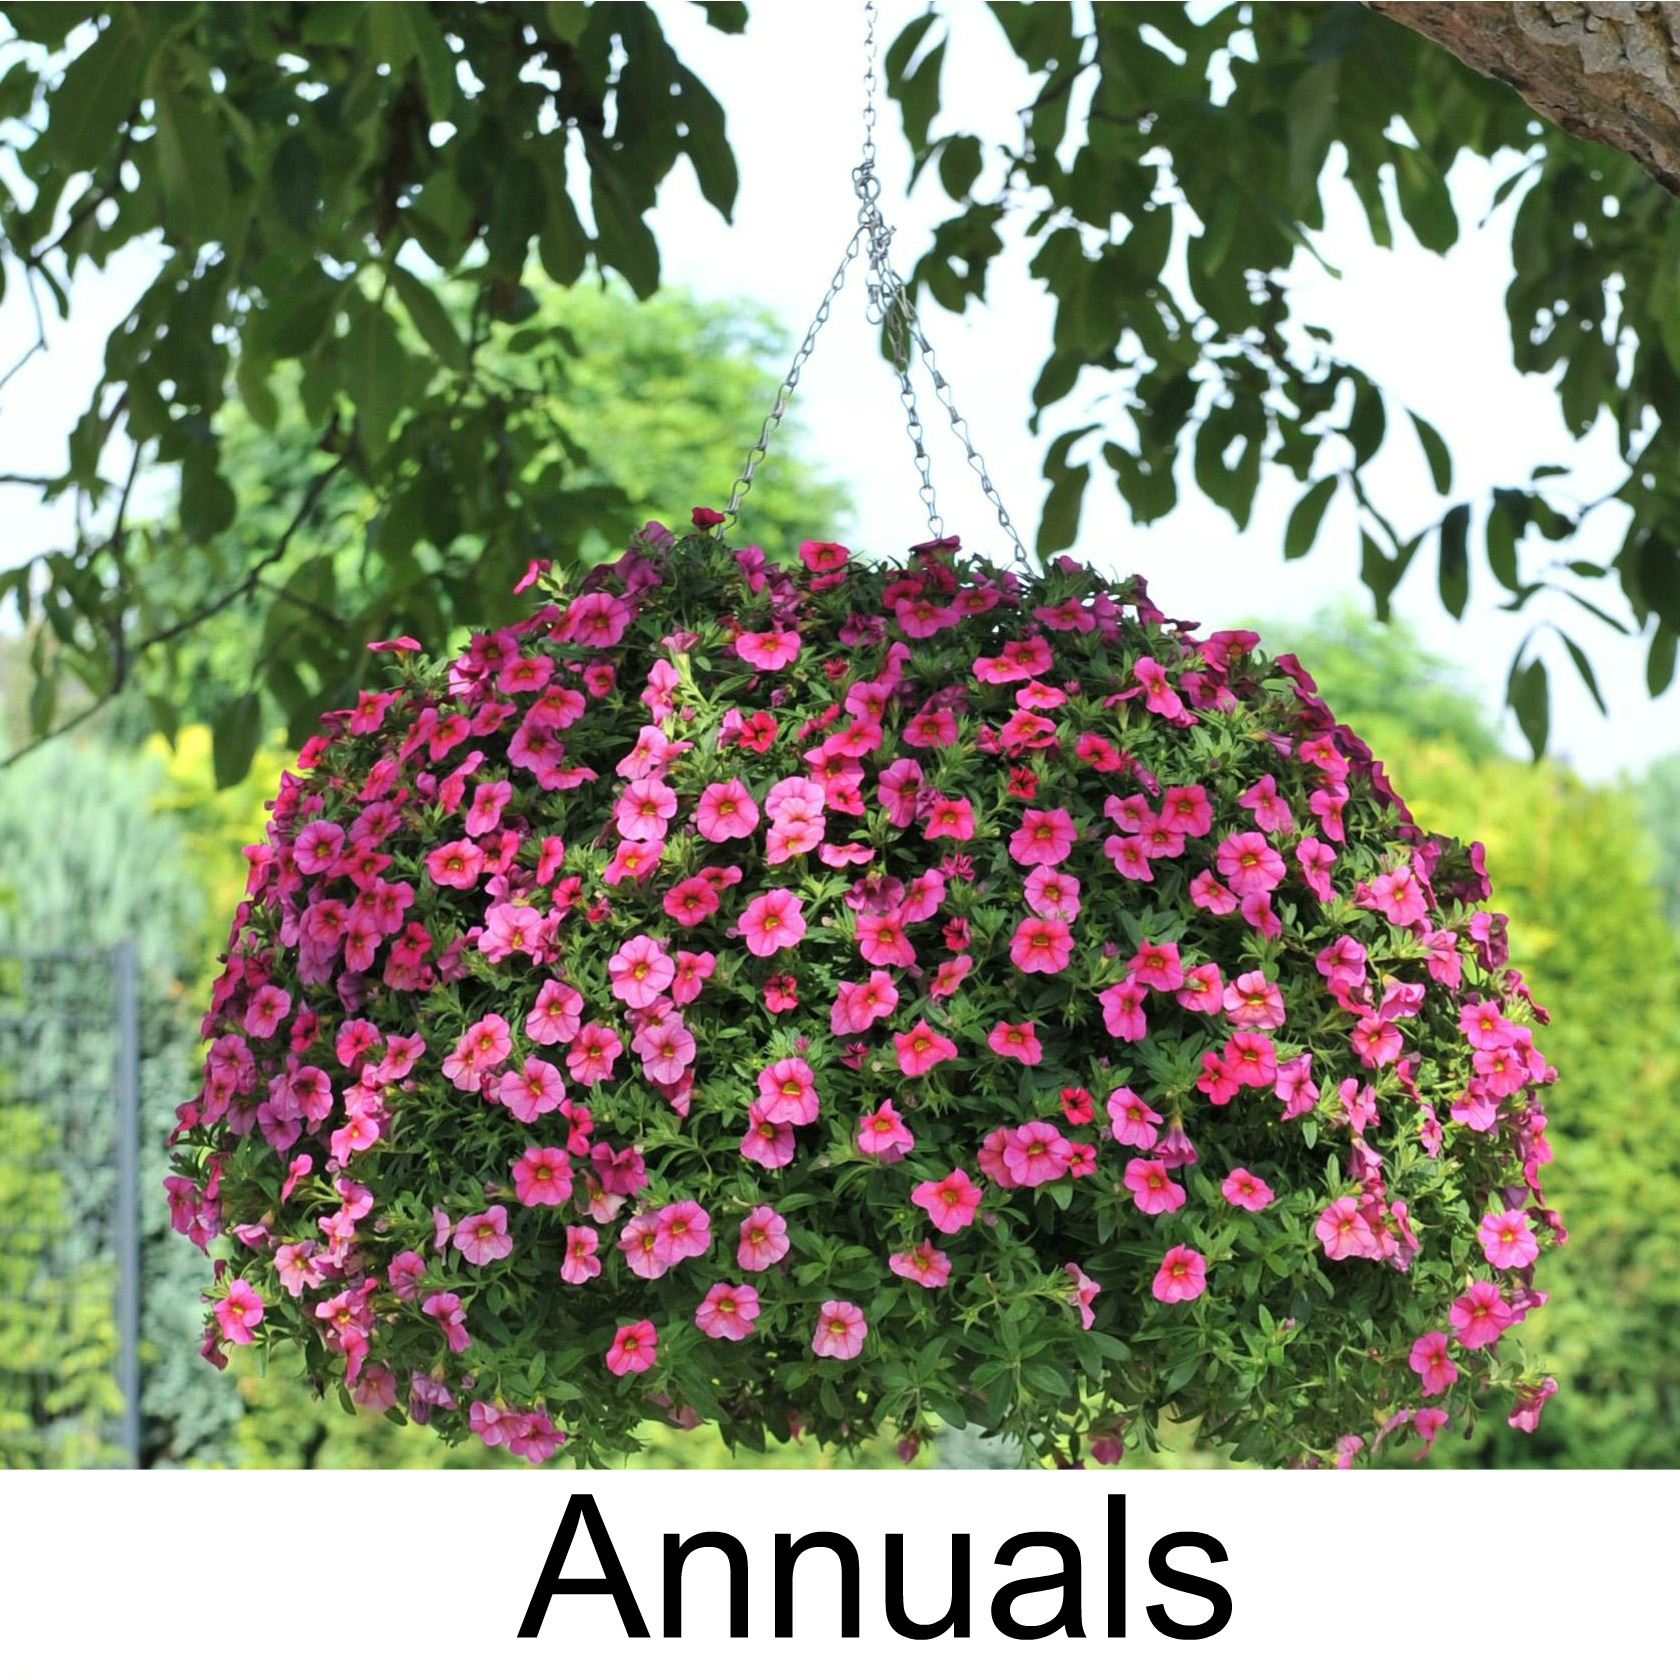 annuals3.jpg